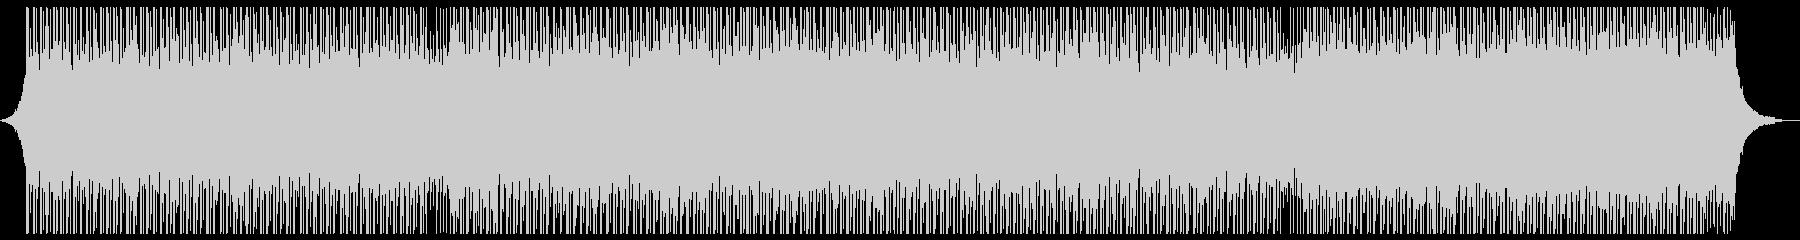 代替案 ポップ コーポレート アク...の未再生の波形